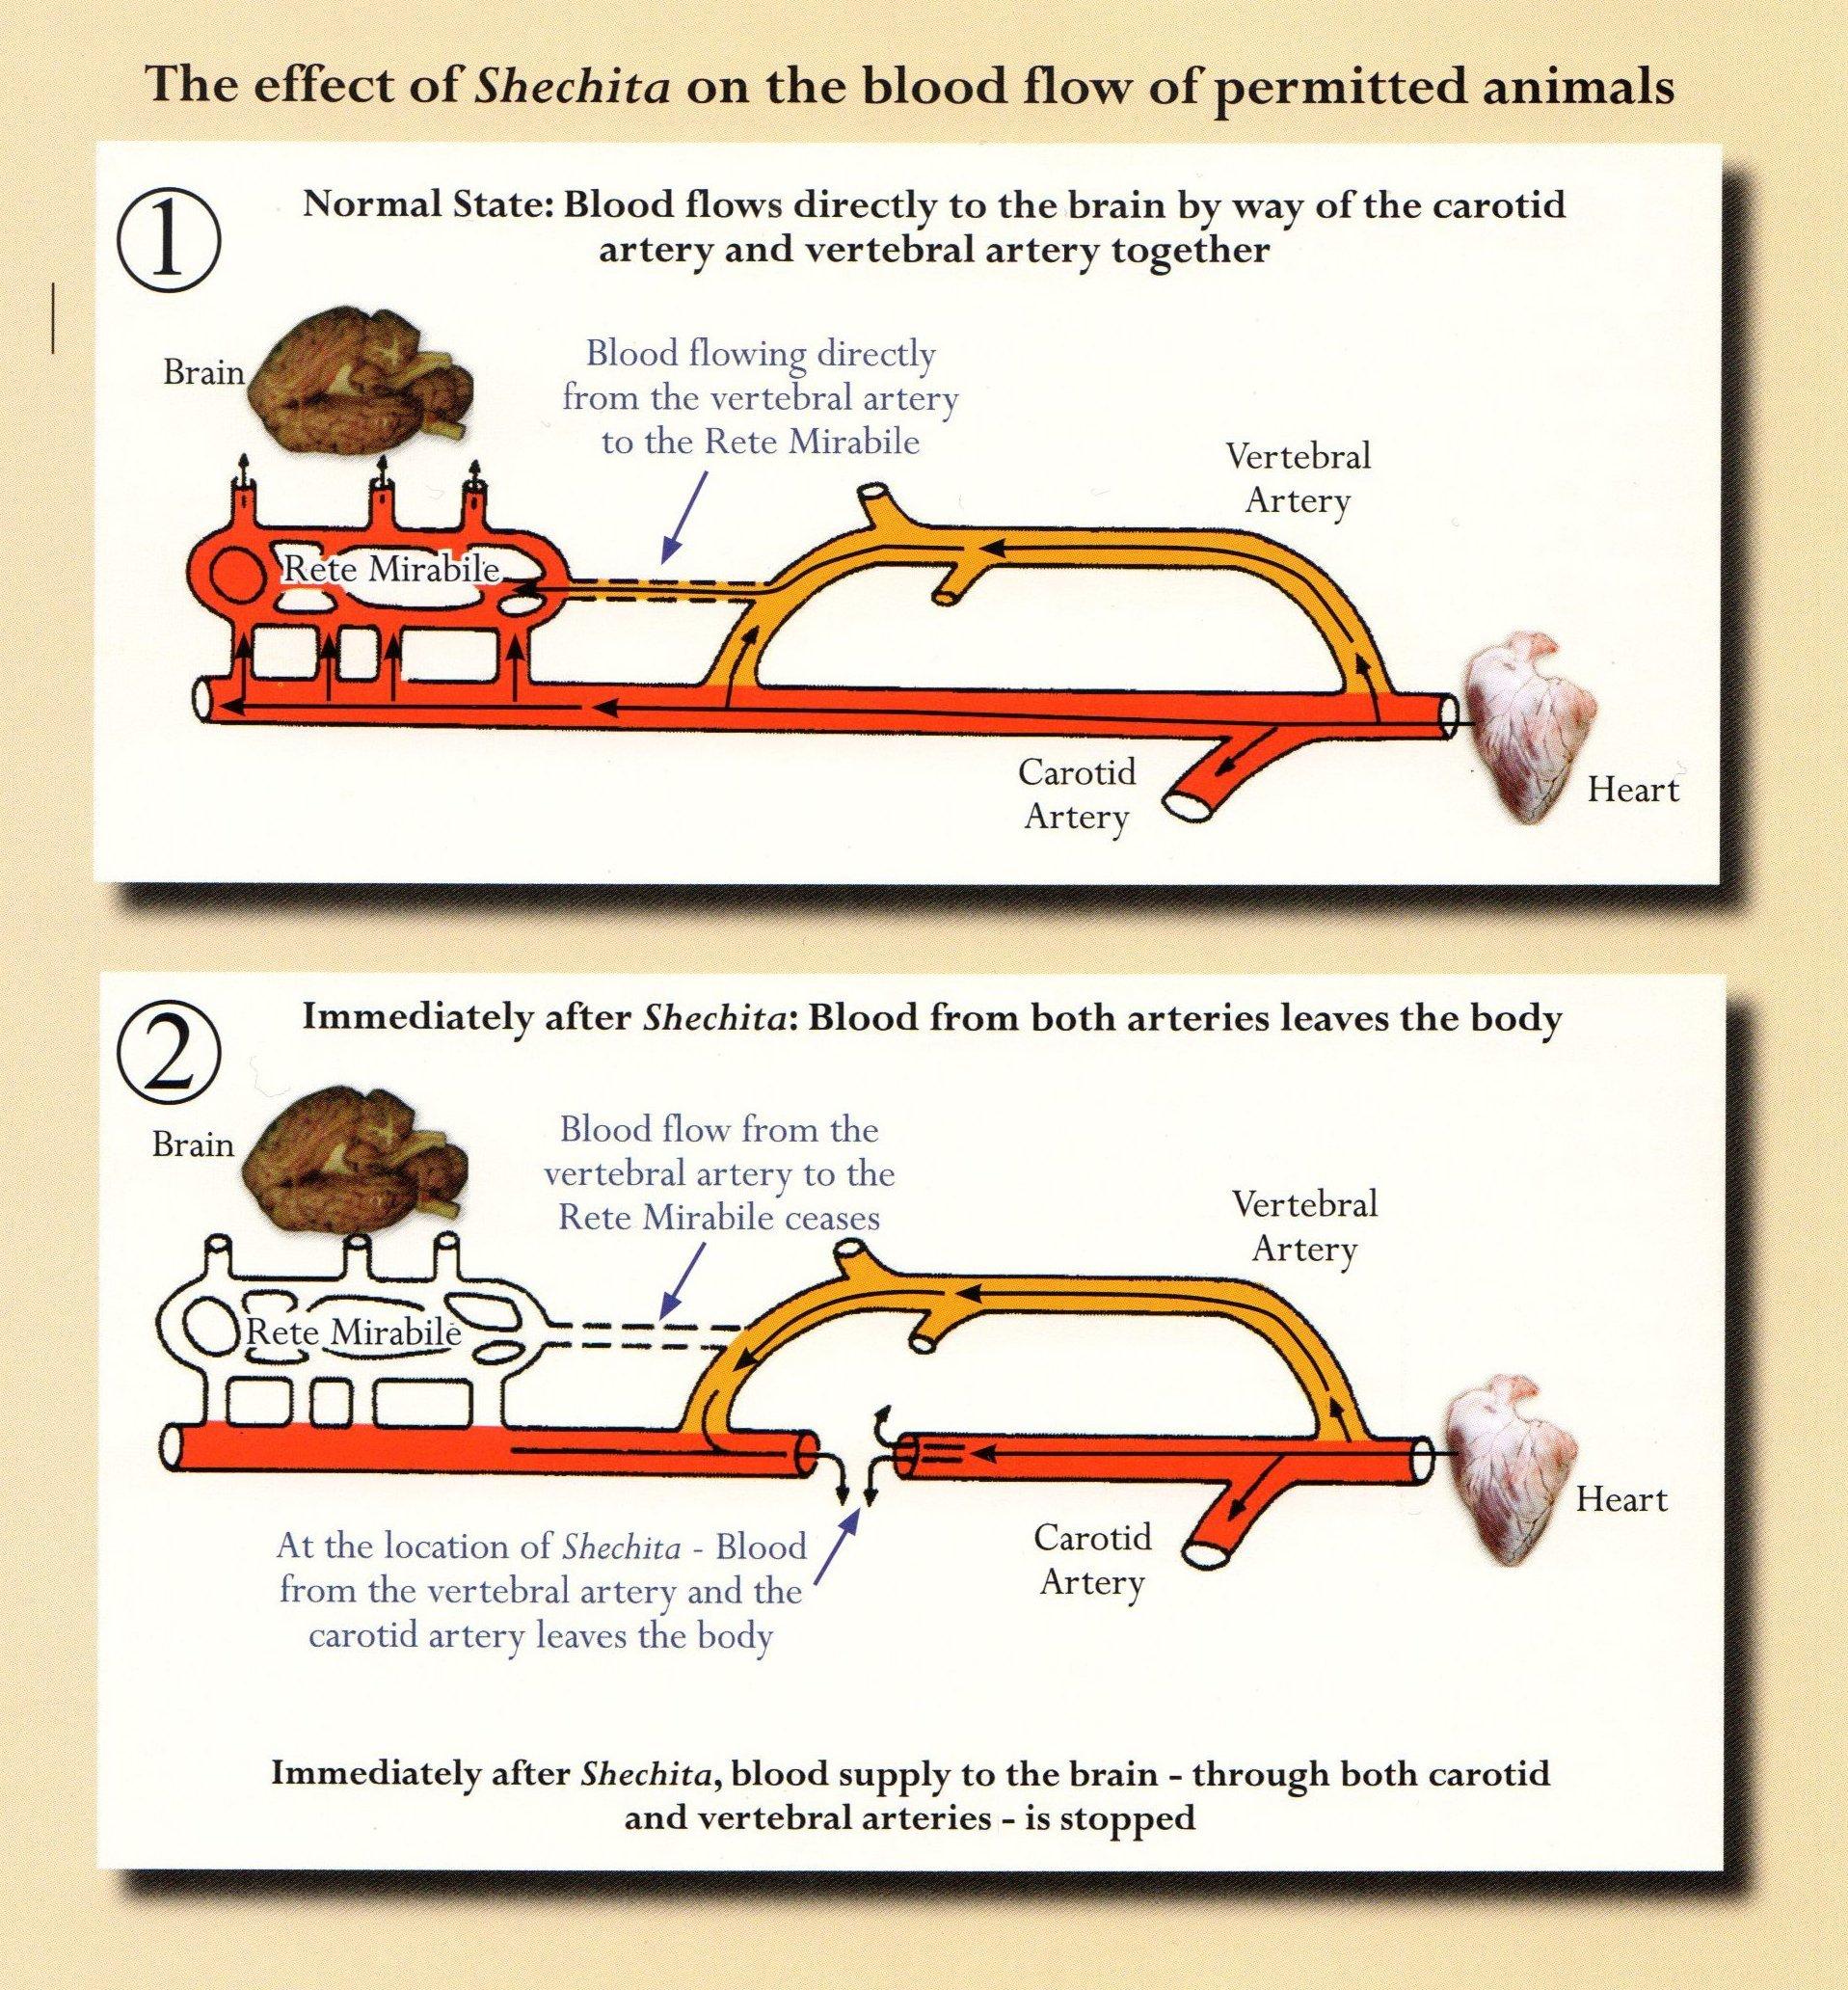 kosher-animals-blood-flow-effect